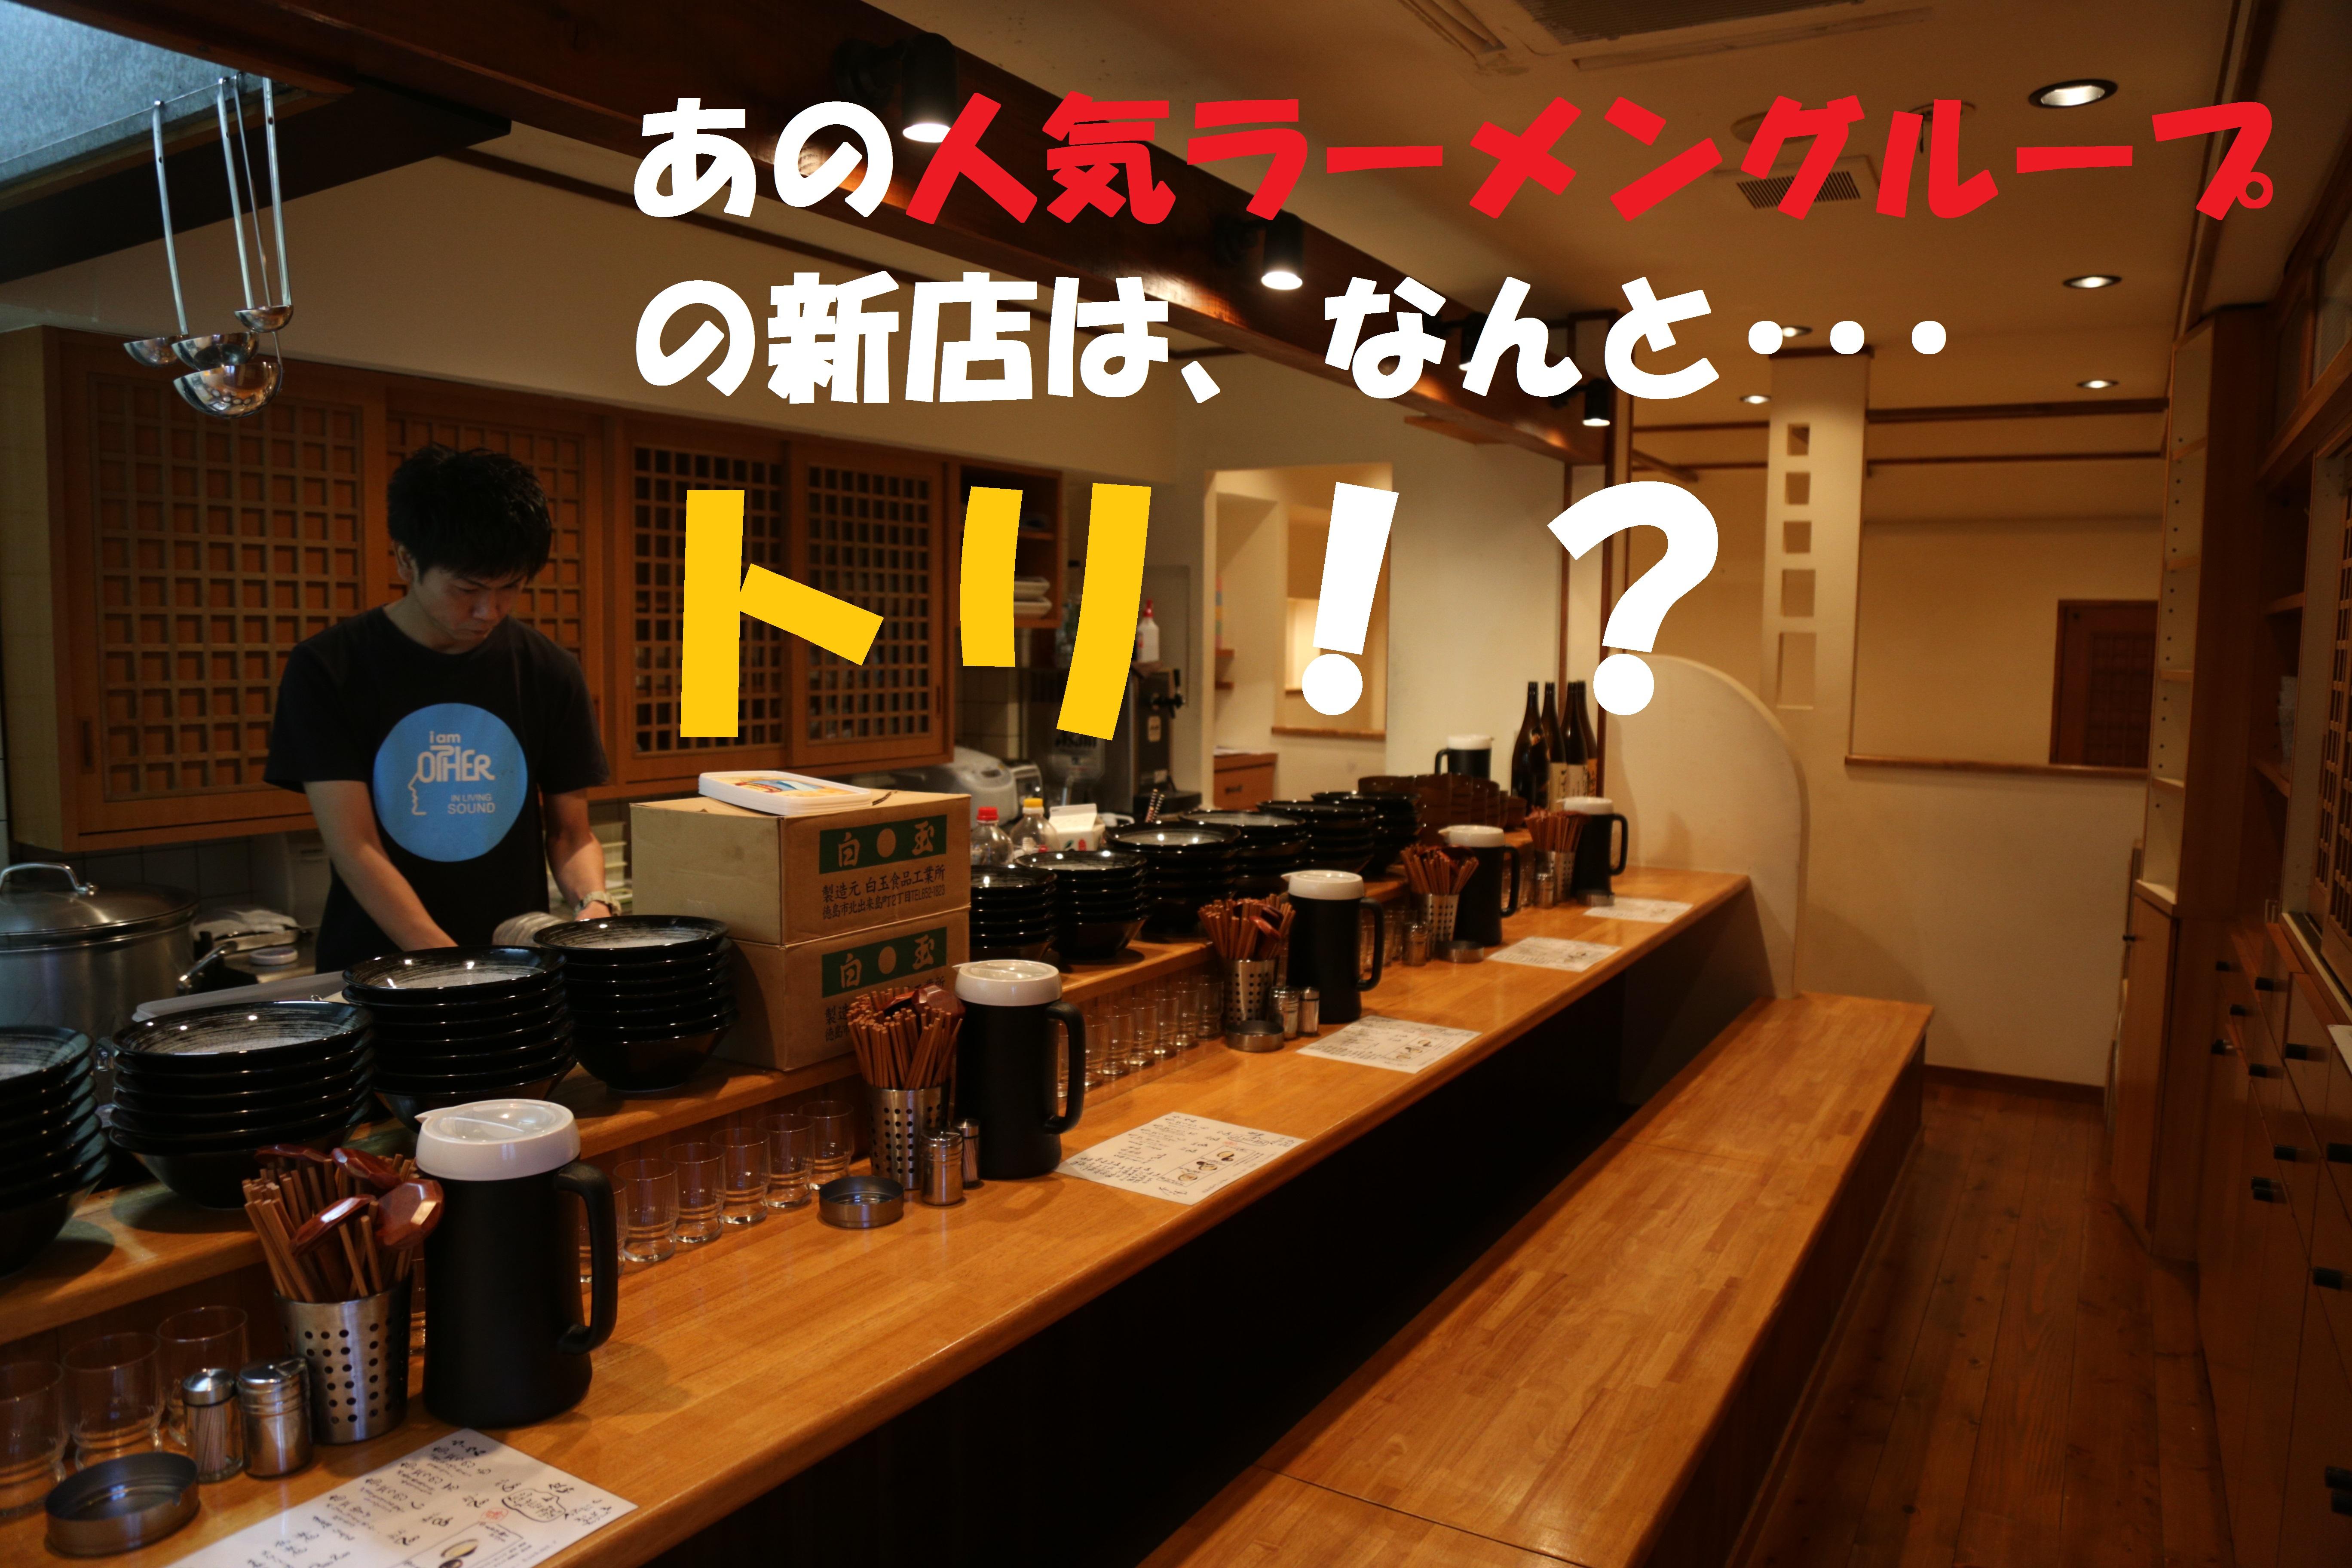 《徳島市/堂の浦》あの人気ラーメングループ『堂の浦』の新店は、なんと・・・トリ!?